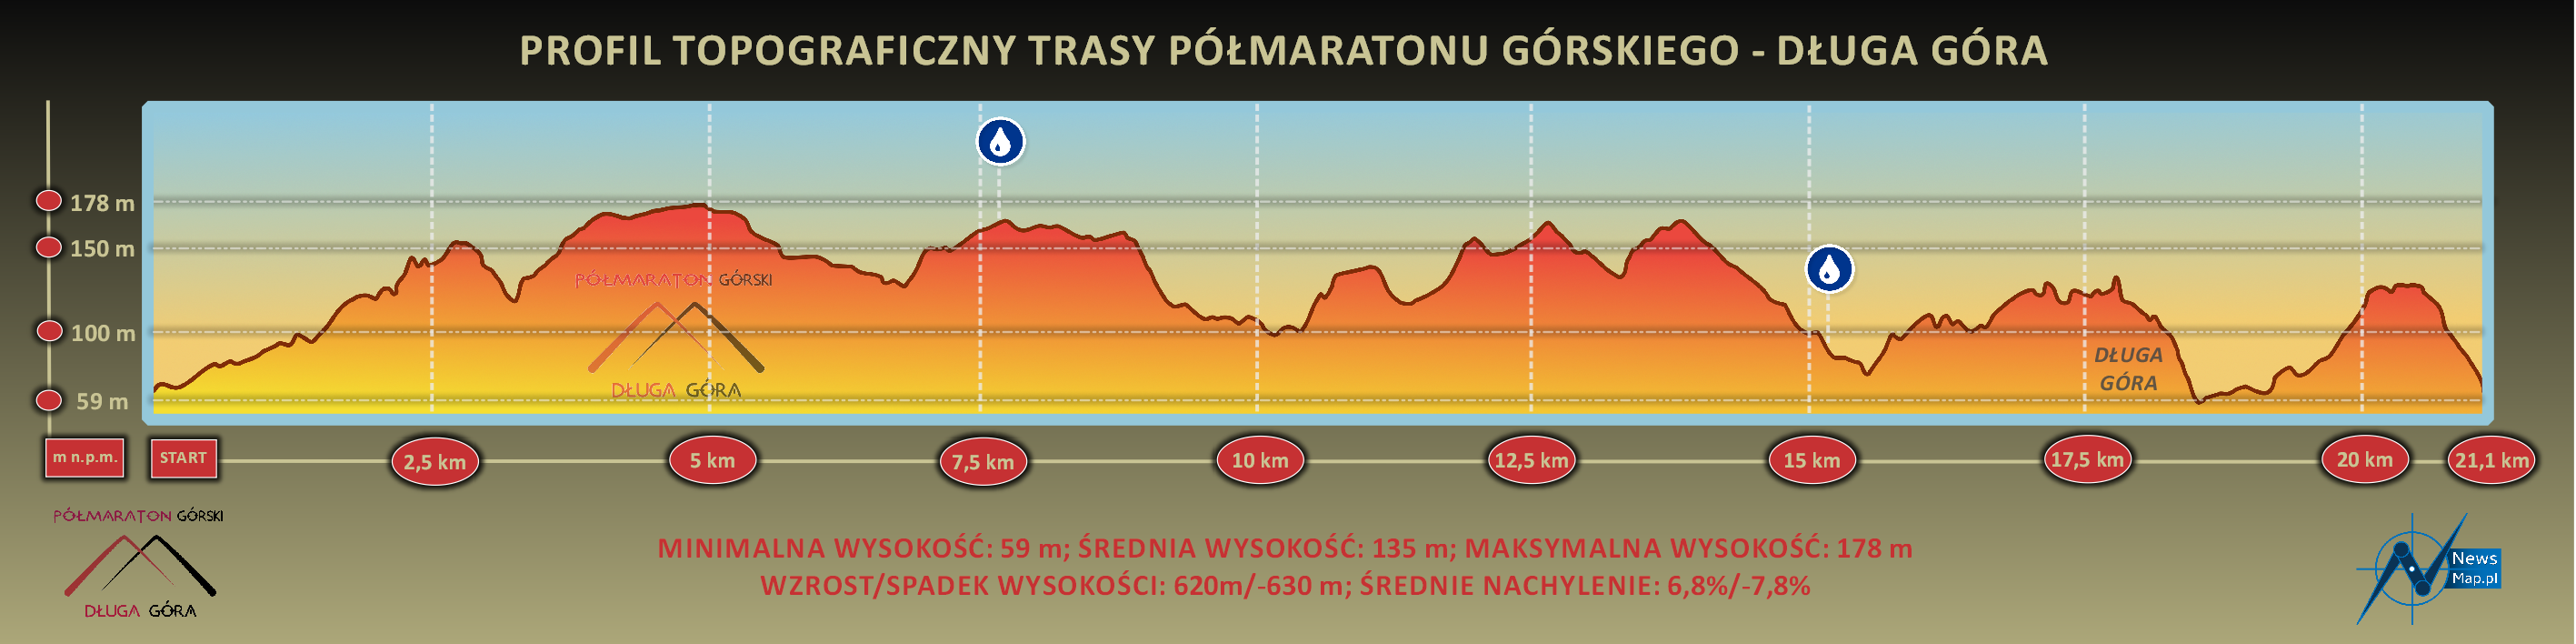 Półmaraton Górski Długa Góra - profil topograficzny